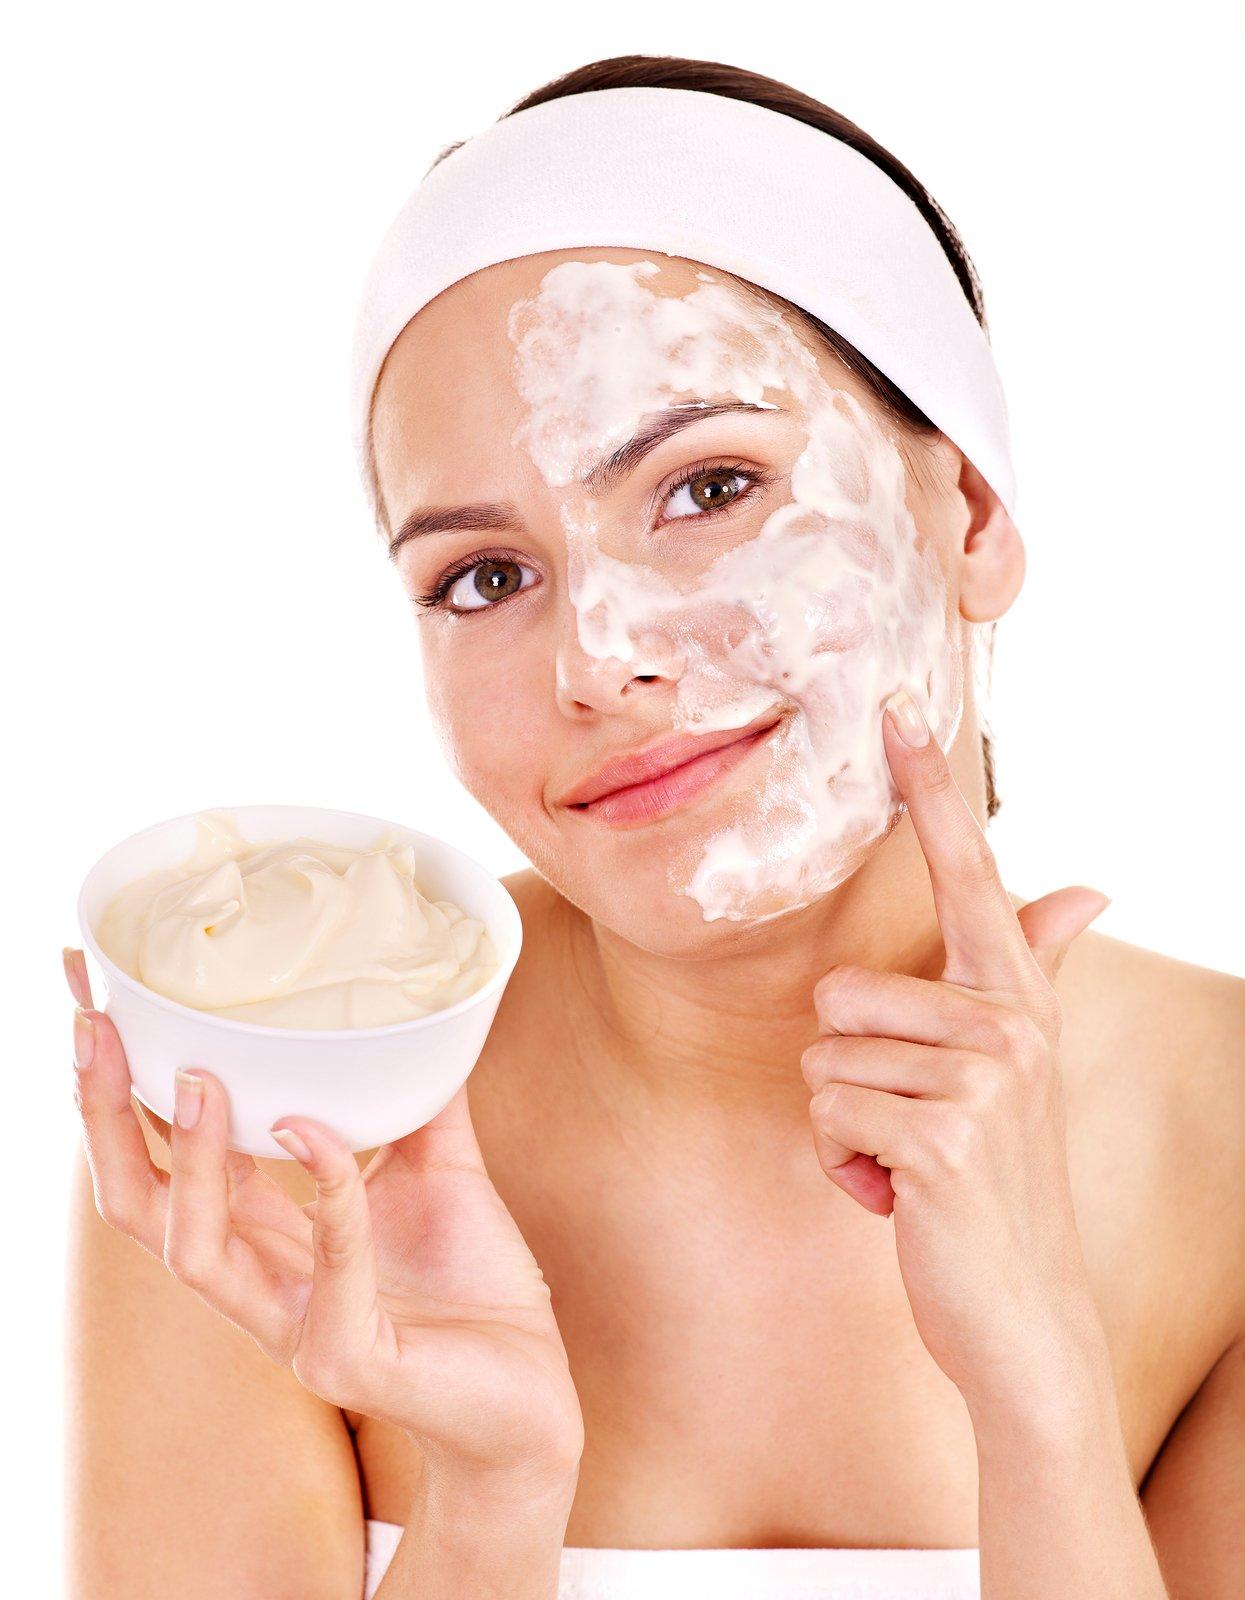 Ochishhayushhaya-maska-dlya-lica-v-domashnix-usloviyax_10 Как сделать очищающую маску для лица самостоятельно